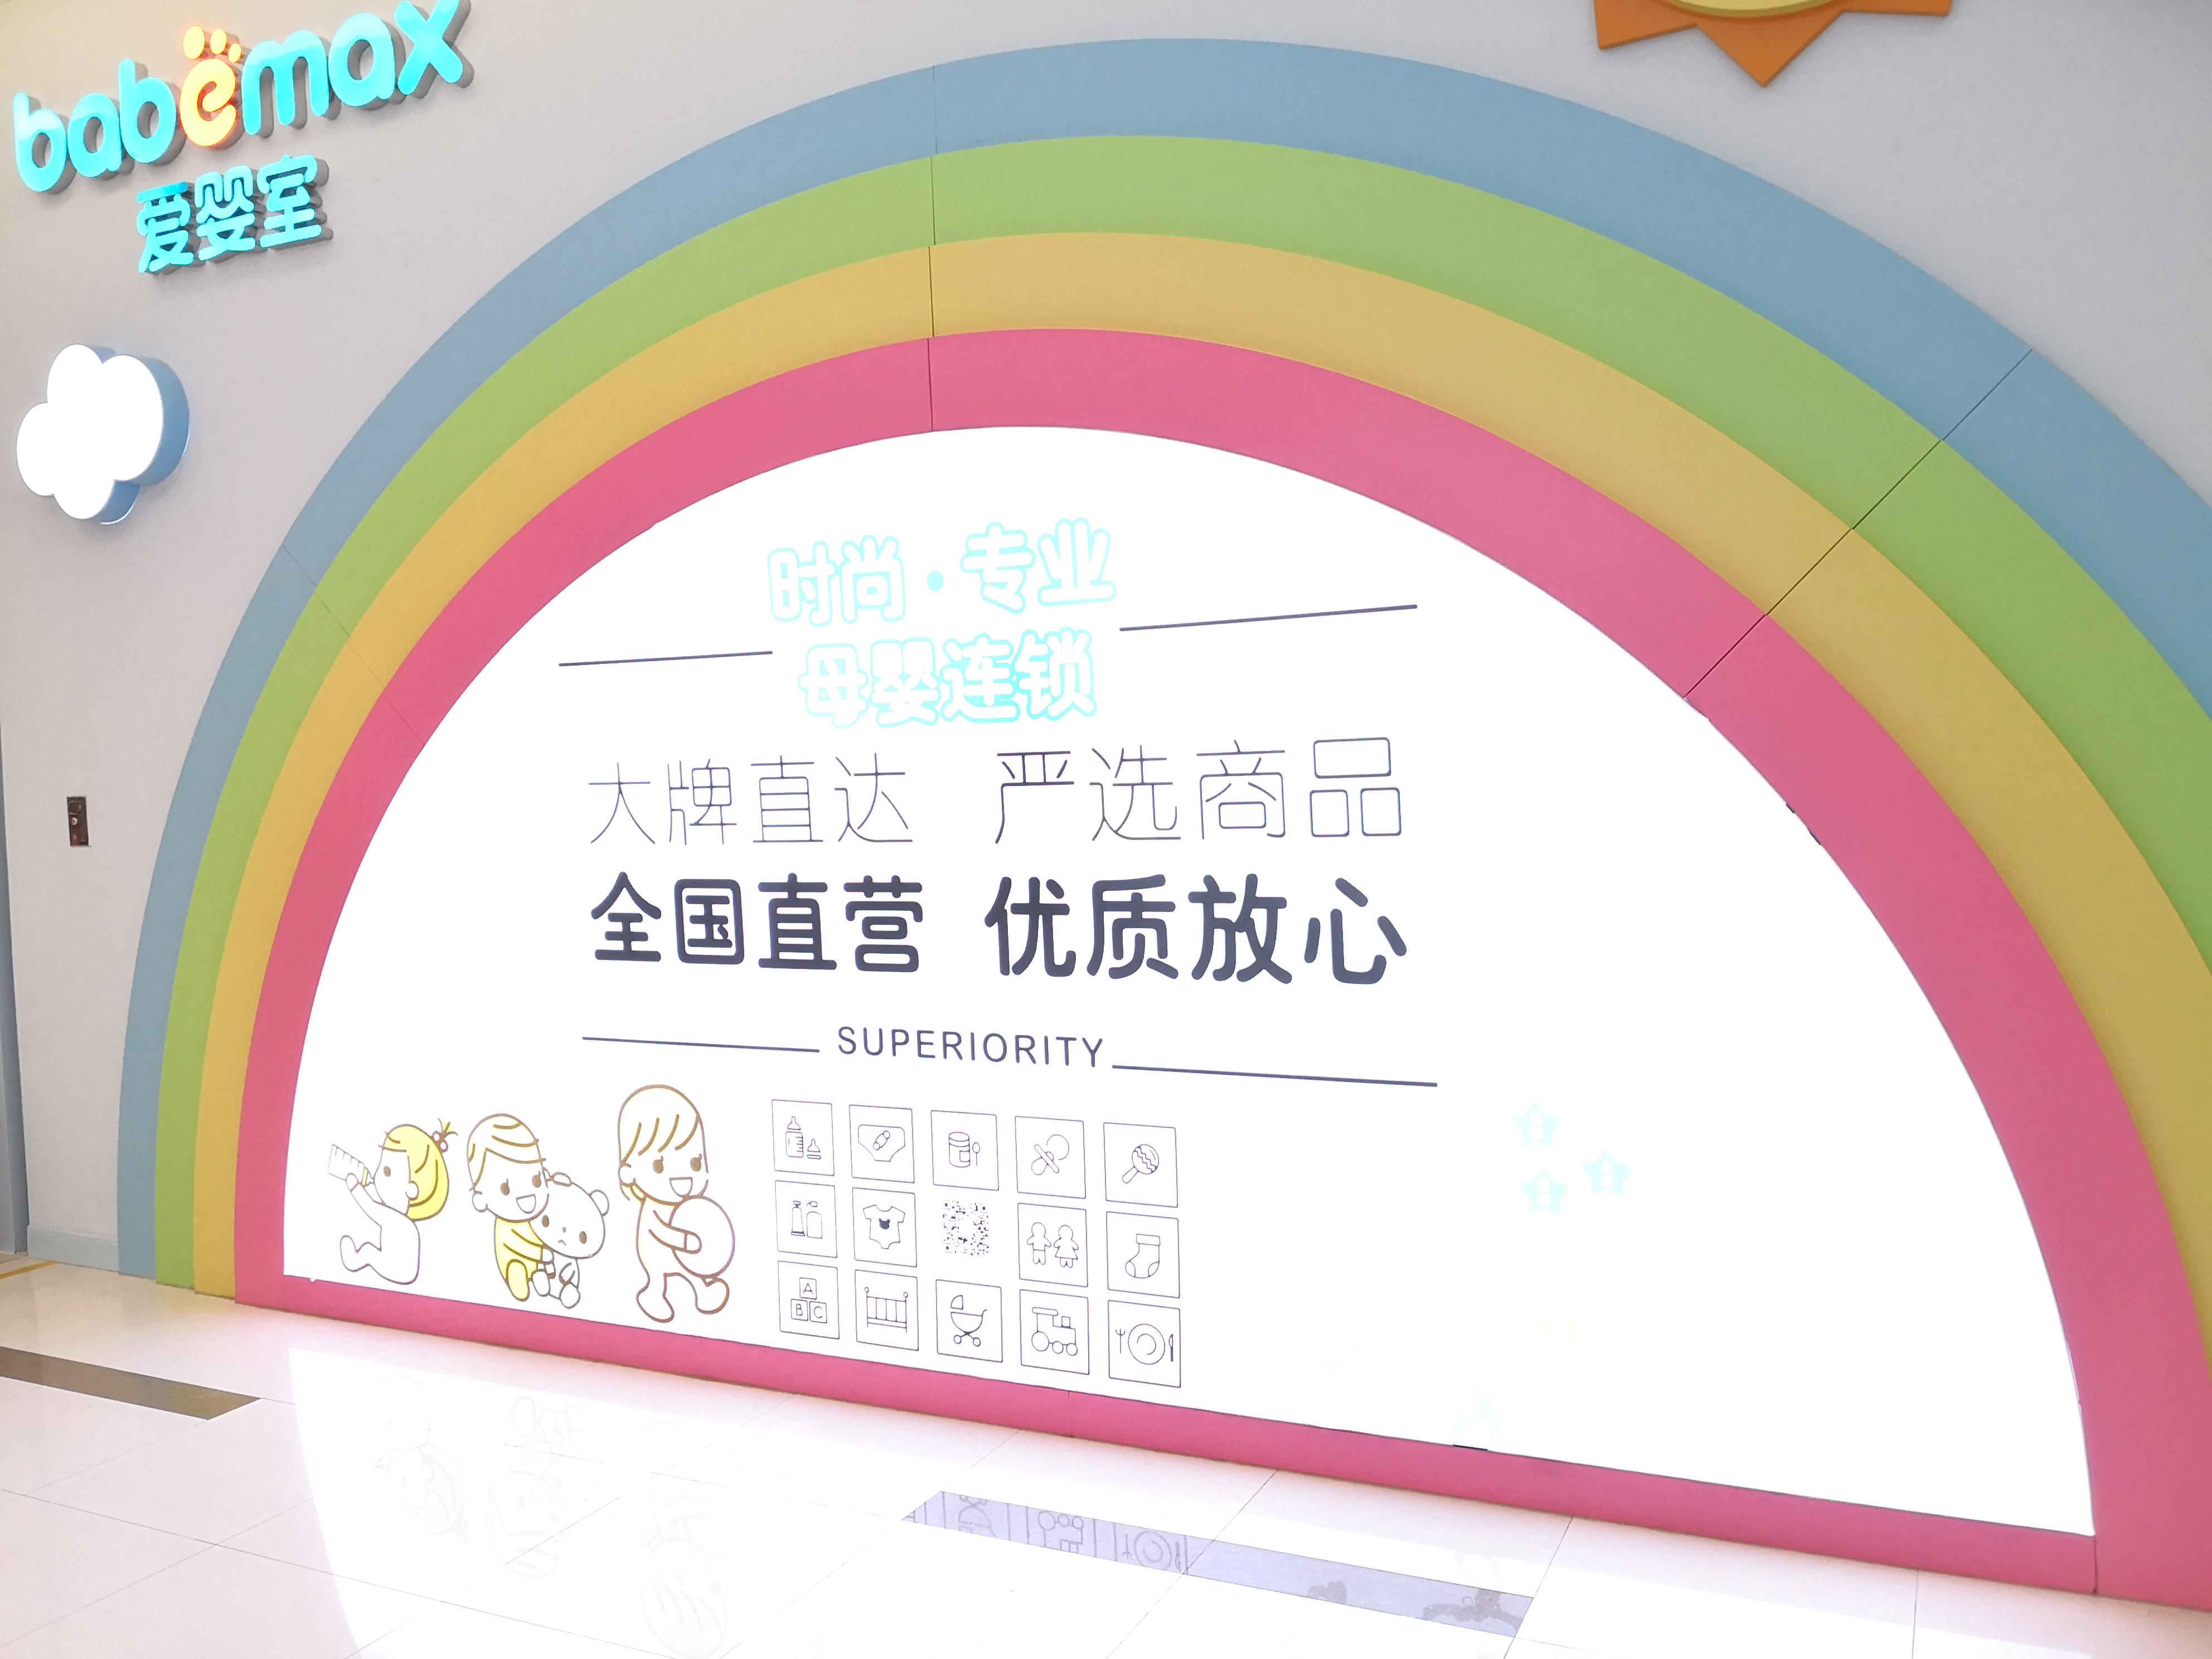 上海莘庄凯德龙之梦店